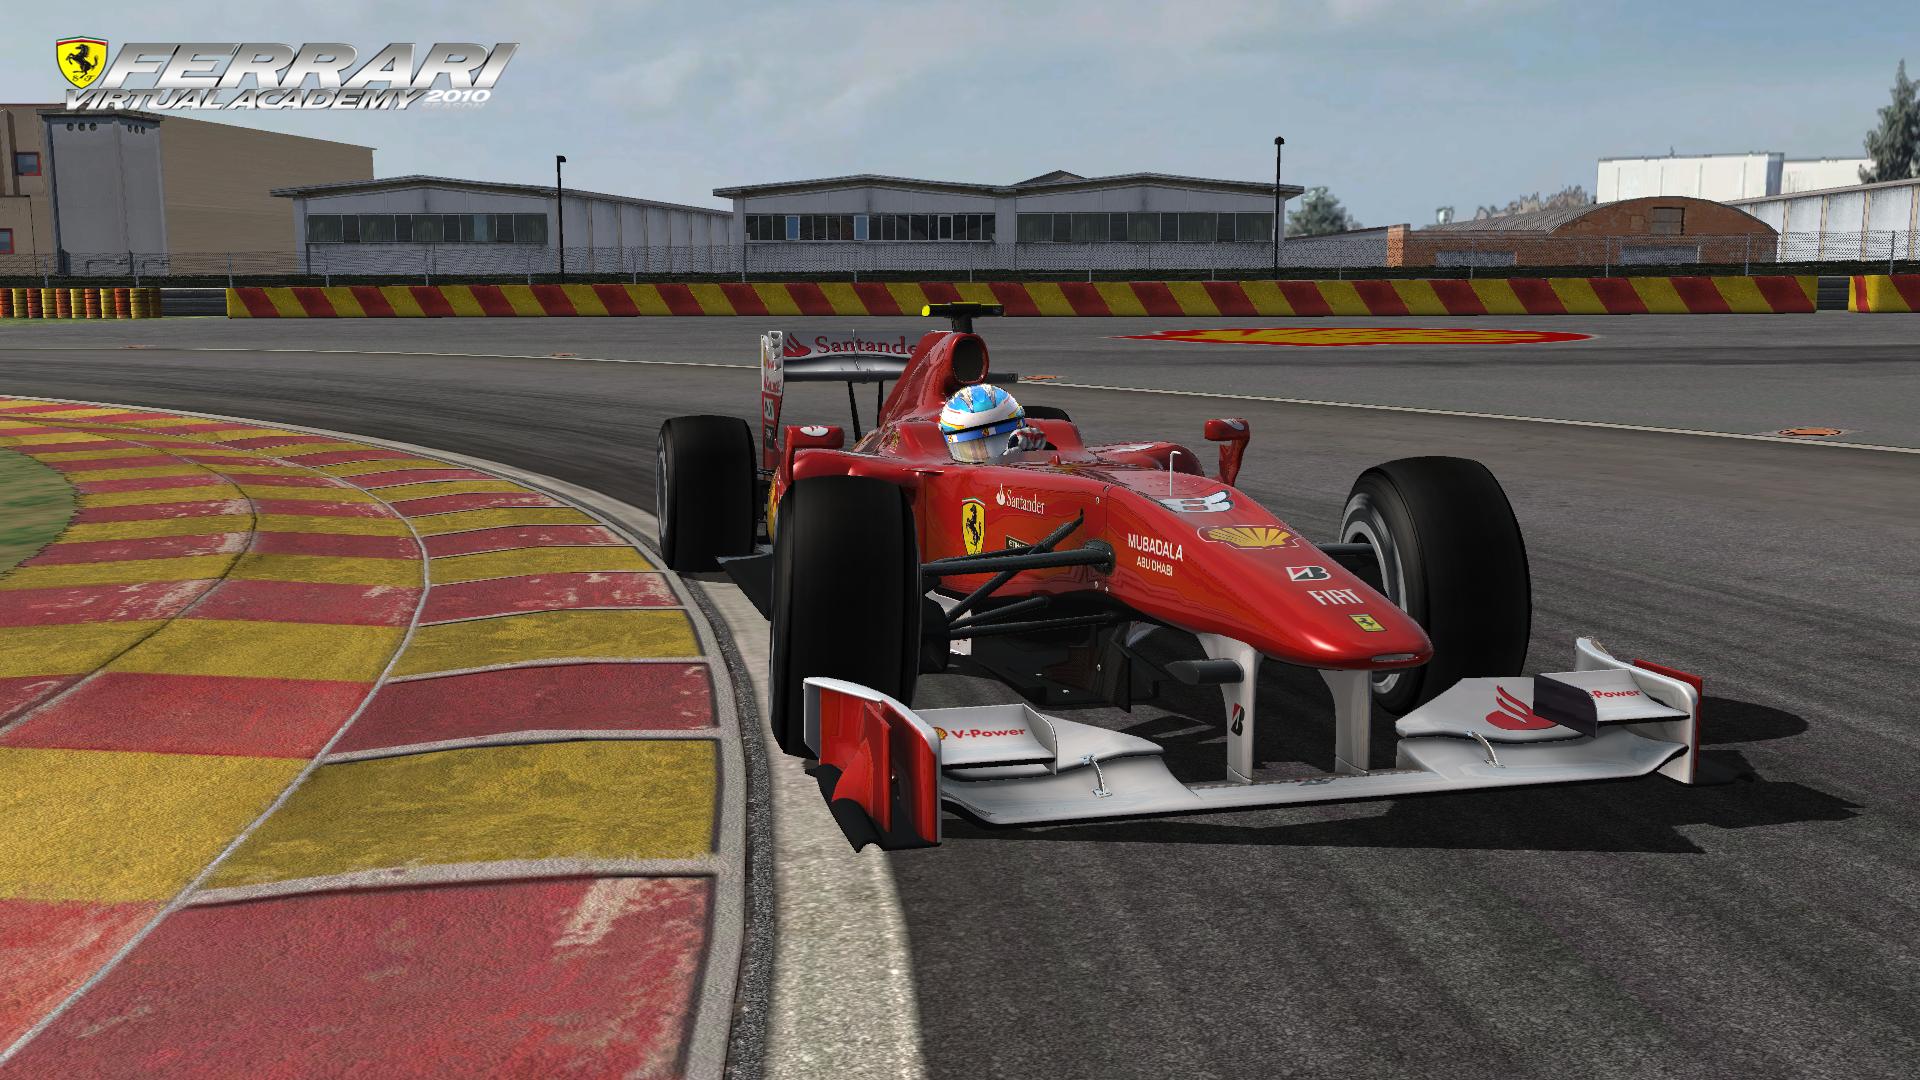 Симулятор Формулы 1 Ferrari Ferrari Virtual Academy